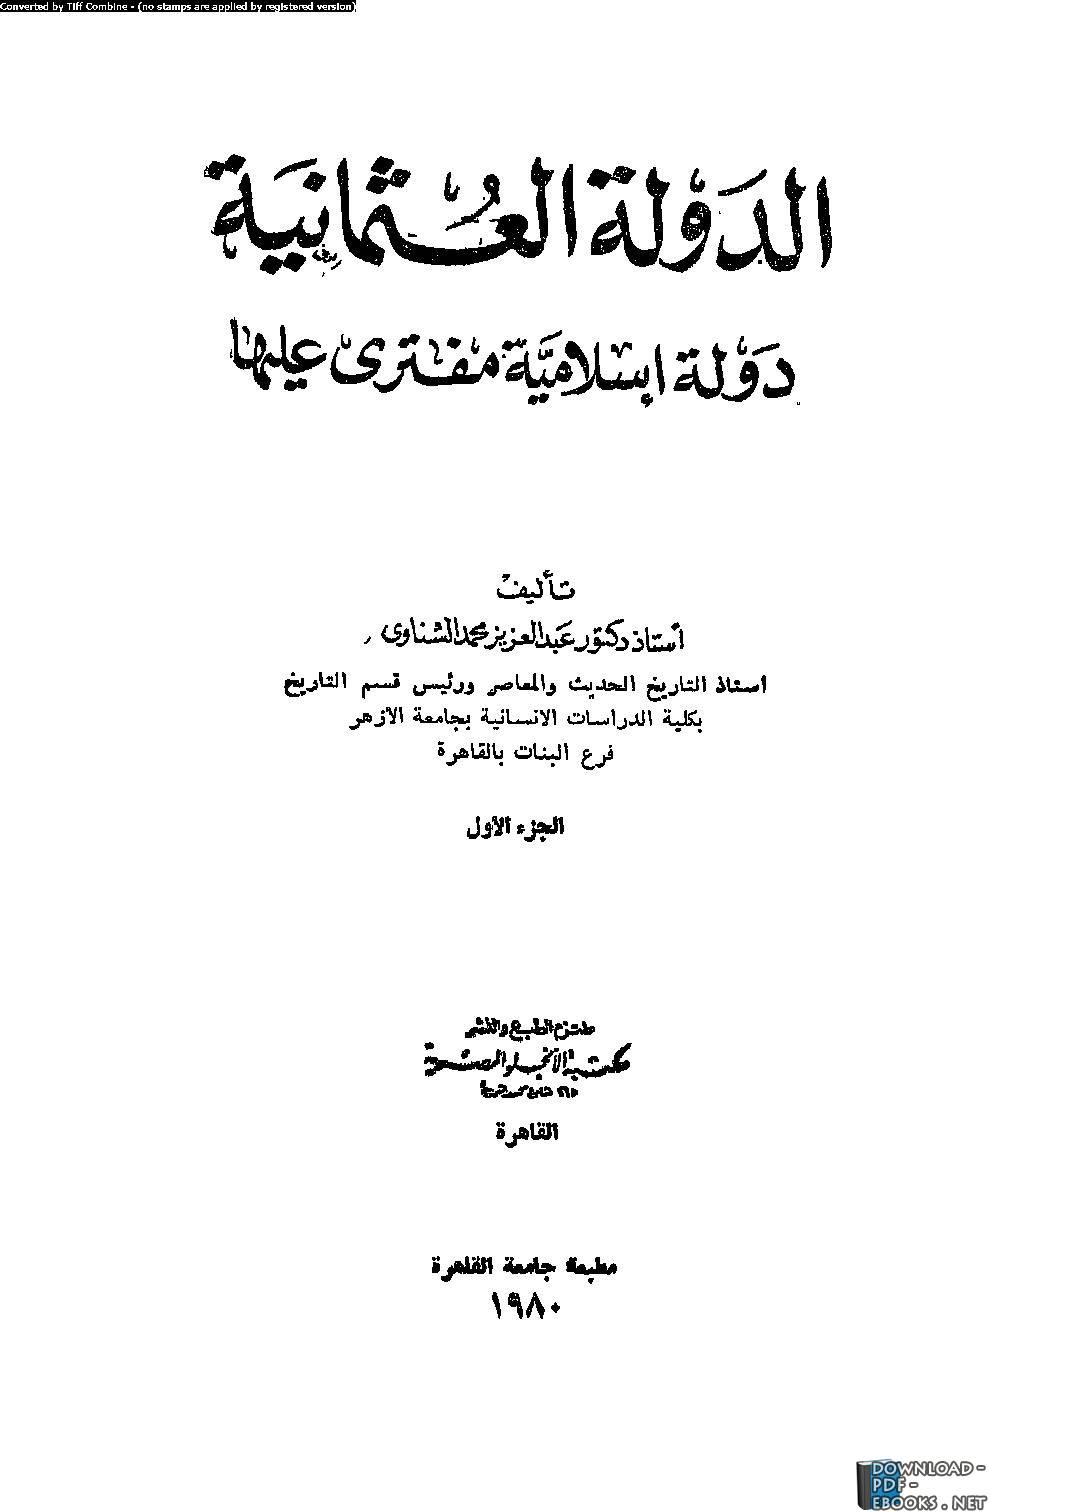 كتاب الدولة العثمانية دولة مفترى عليها pdf